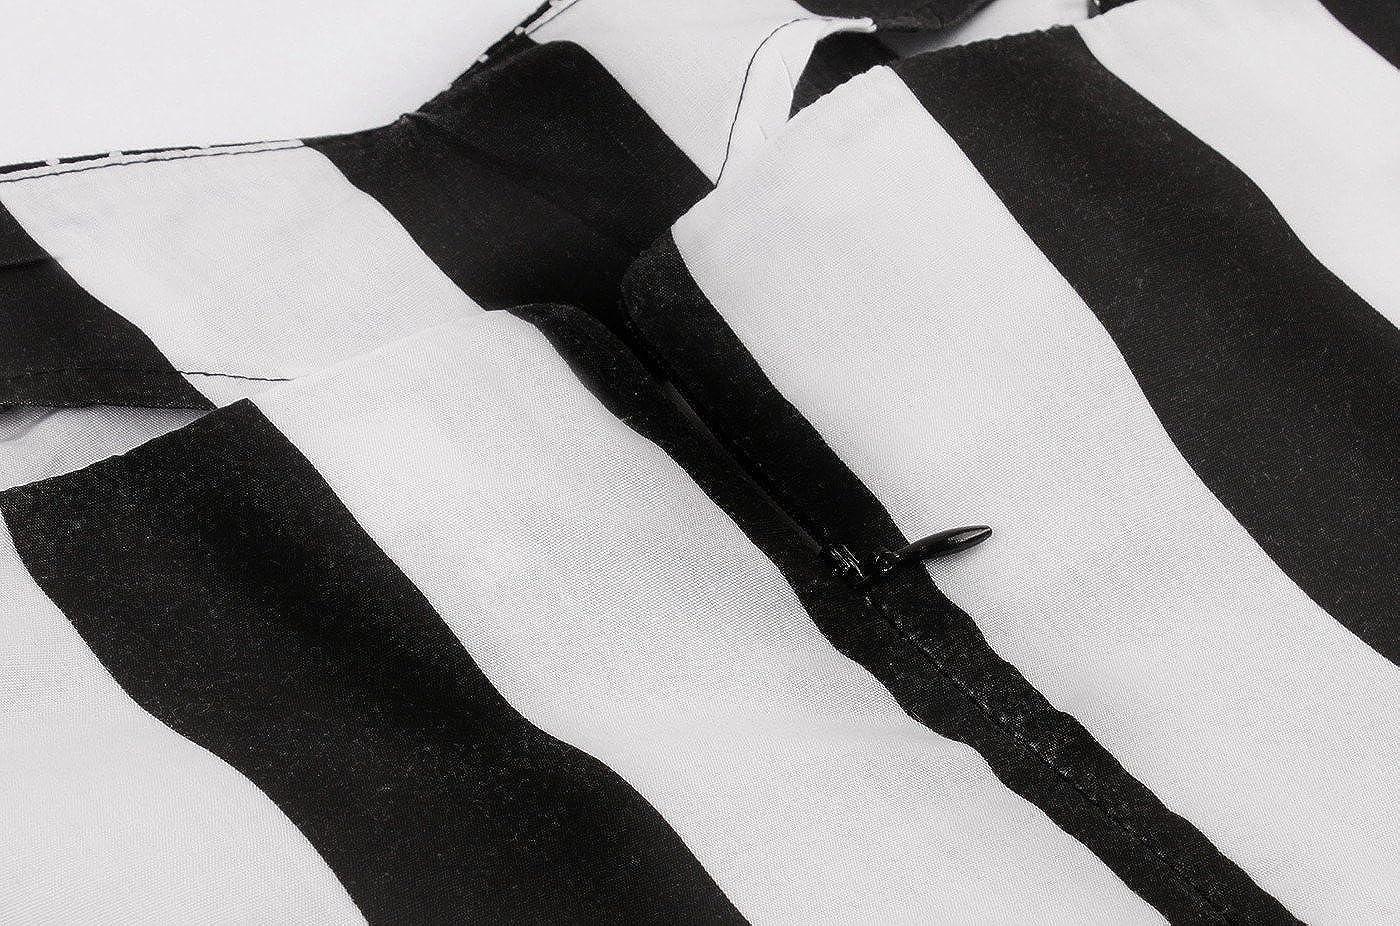 VERNASSA Abito da Sera retr/ò da Donna S-4XL Abiti da Festa Rockabilly con Fiocchi di Neve Anni 50 Polka Pinup Swing Dress con Motivo Floreale